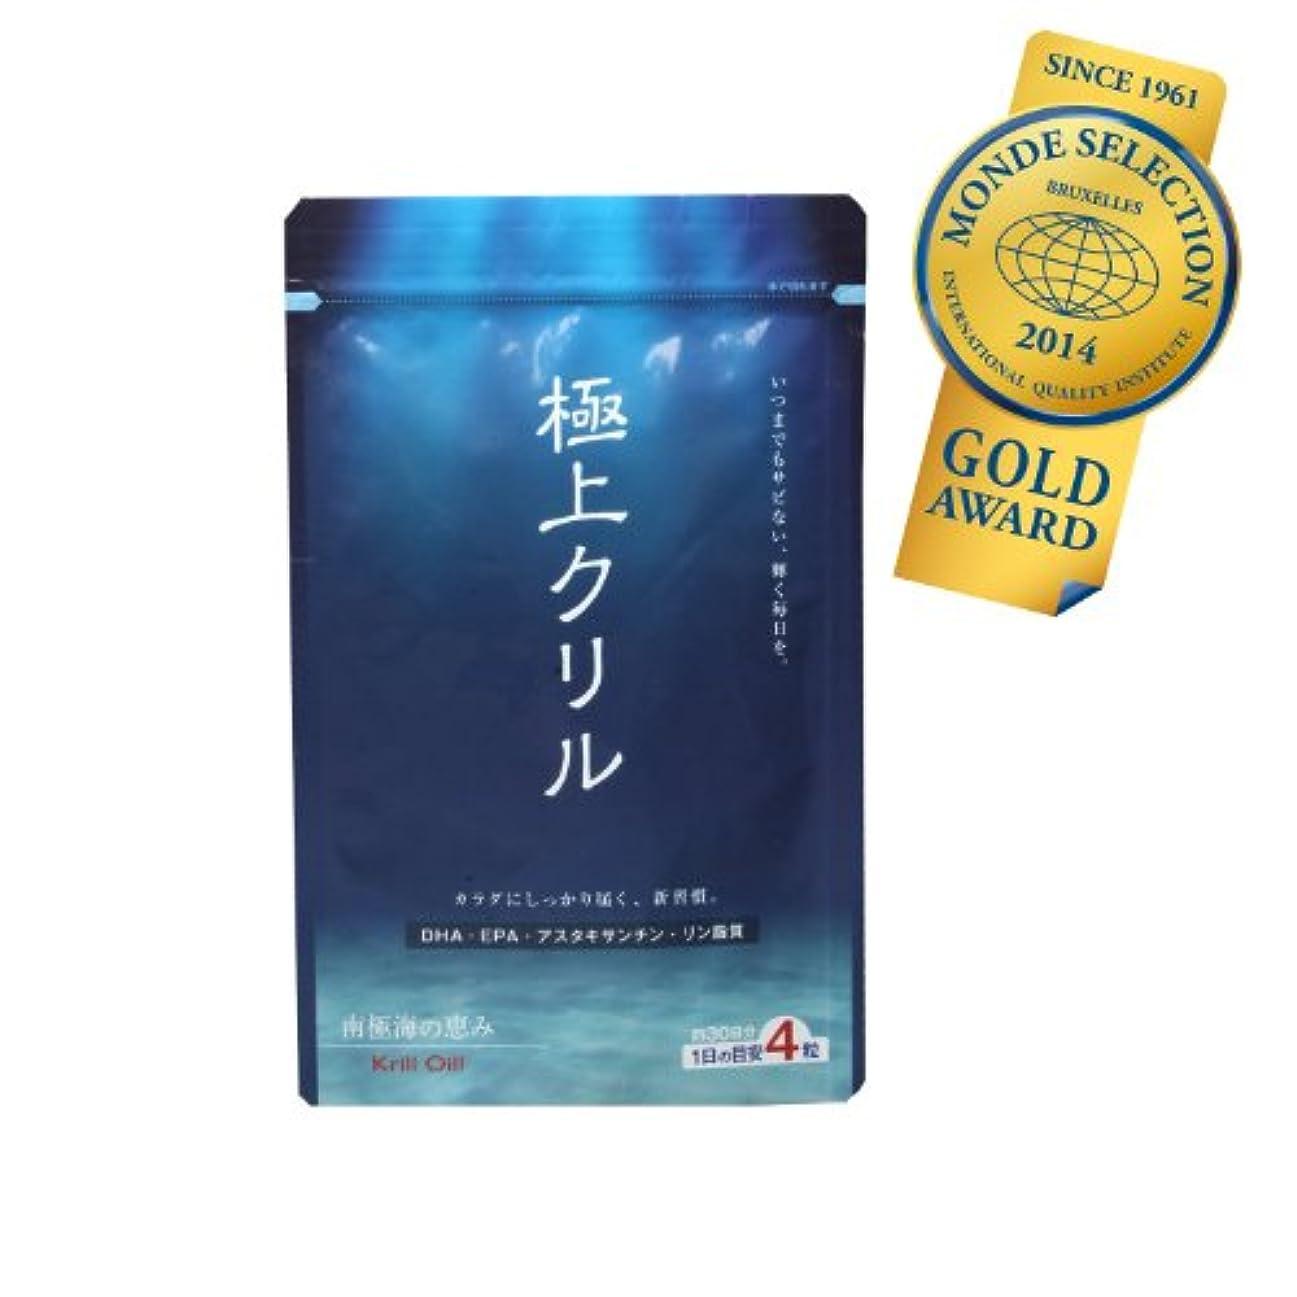 検索芽カバー極上クリル120粒 100%クリルオイル (約1ヶ月分) 日本製